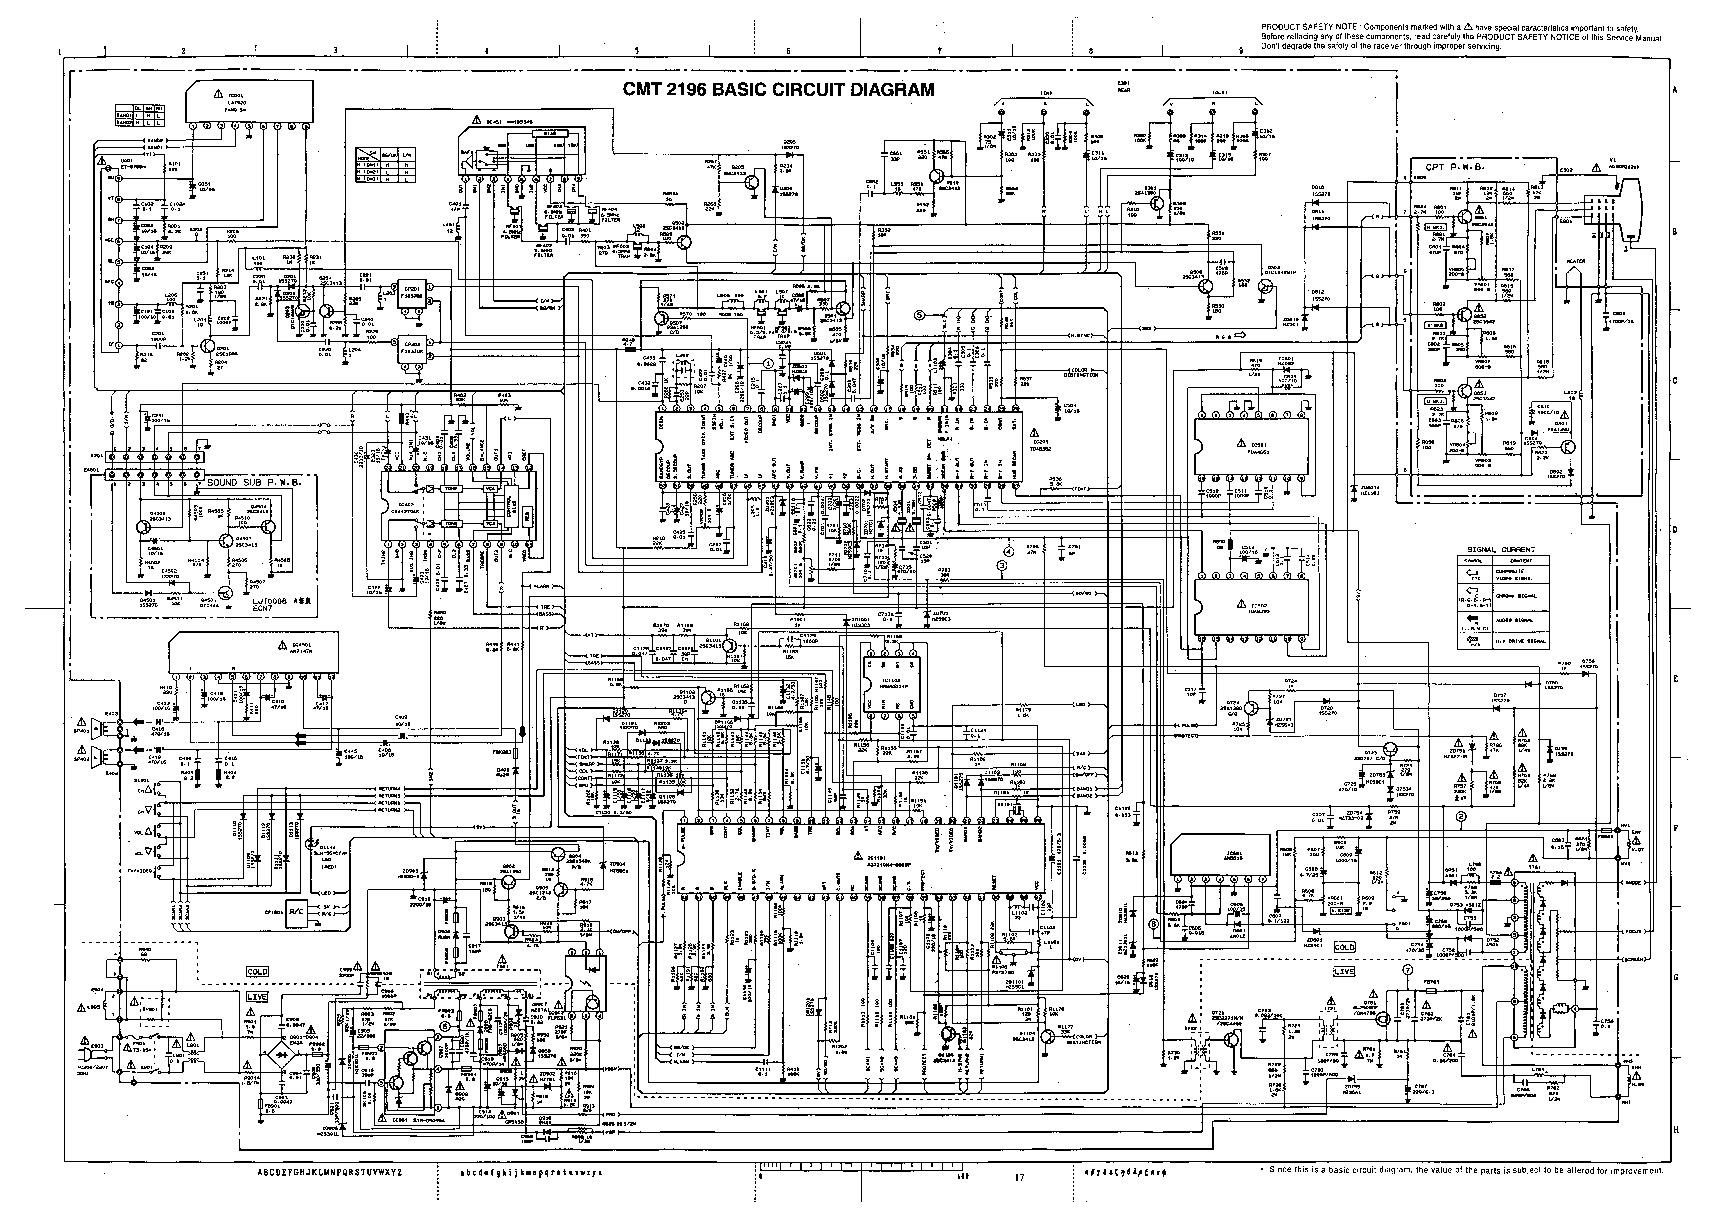 Fabulous Ct 2196 Resultados De La Busqueda Diagramasde Com Diagramas Wiring Digital Resources Cettecompassionincorg